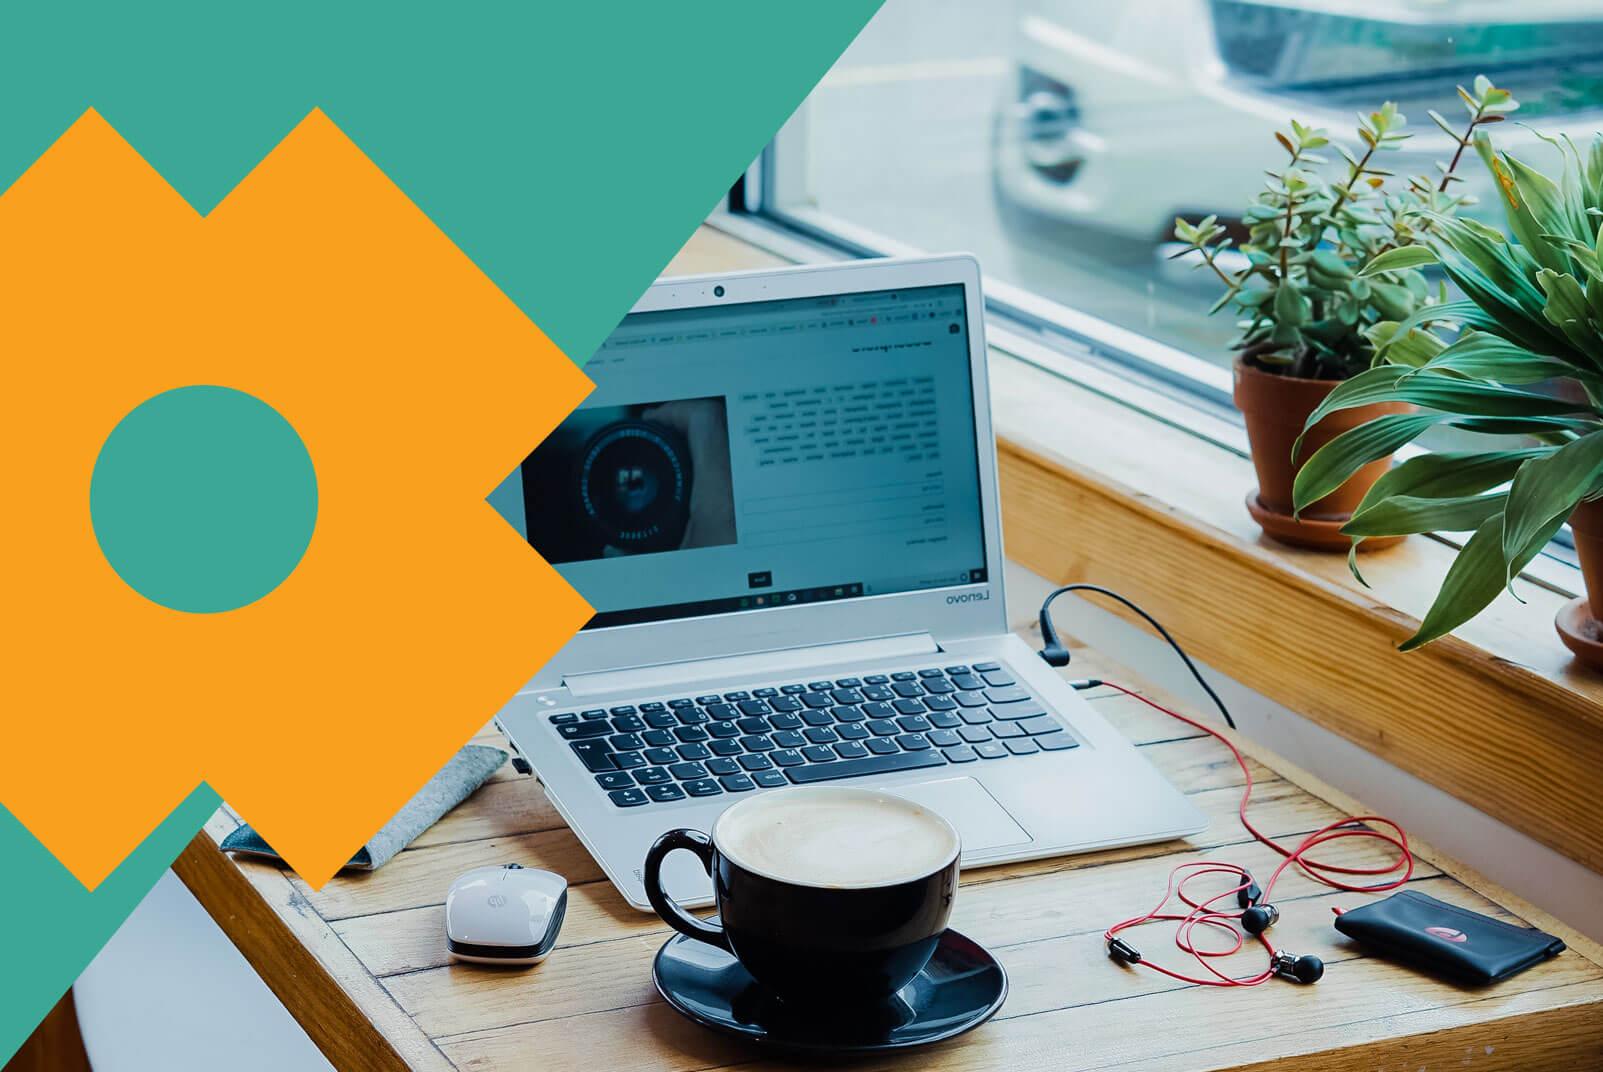 Как стать копирайтером: от новичка до высокооплачиваемого профессионала